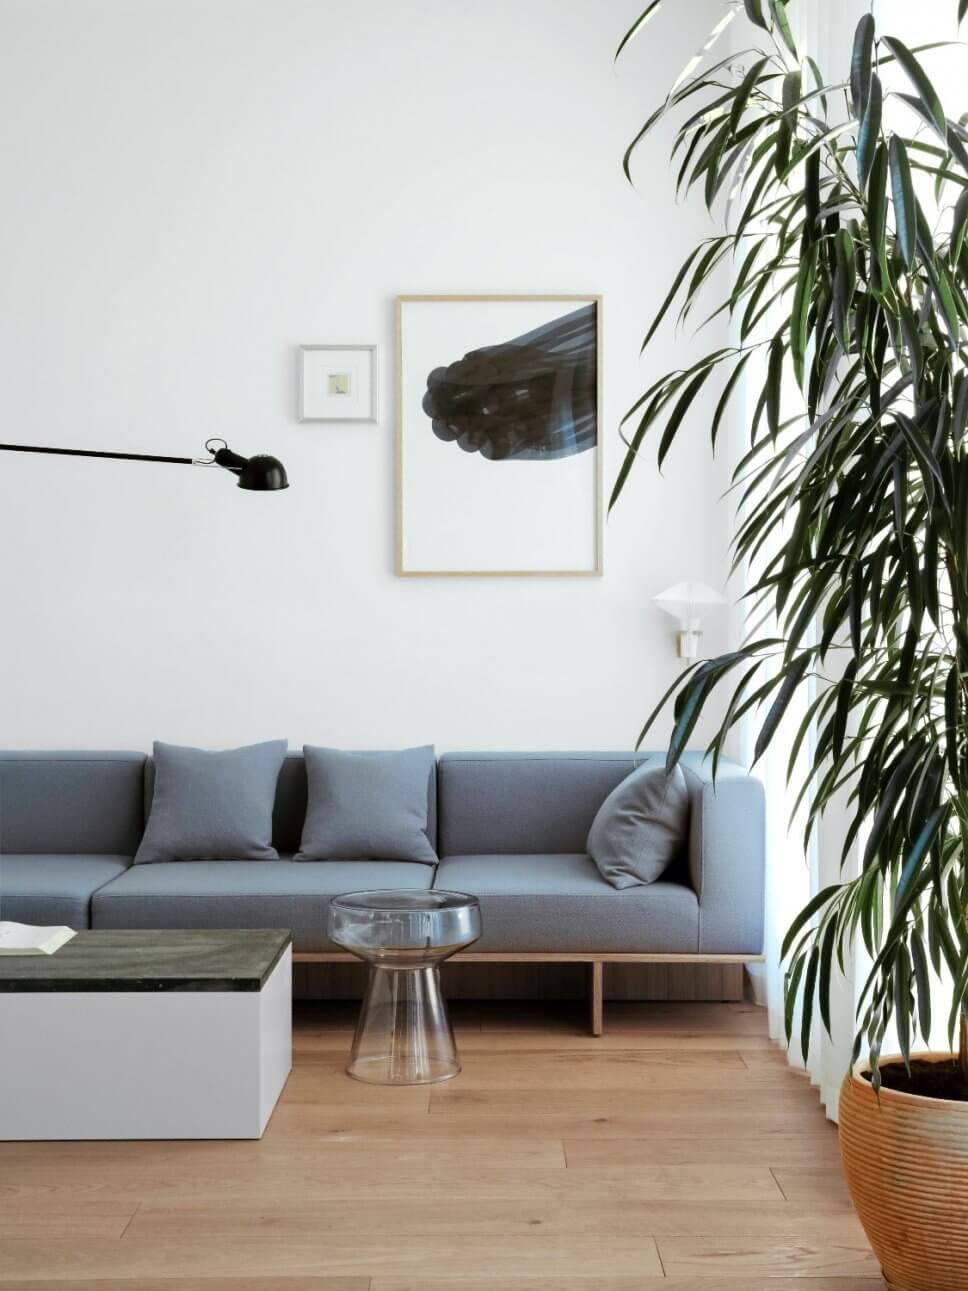 Modernes Wohnzimmer mit Sofa, Coffeetable und Zimmerpflanze